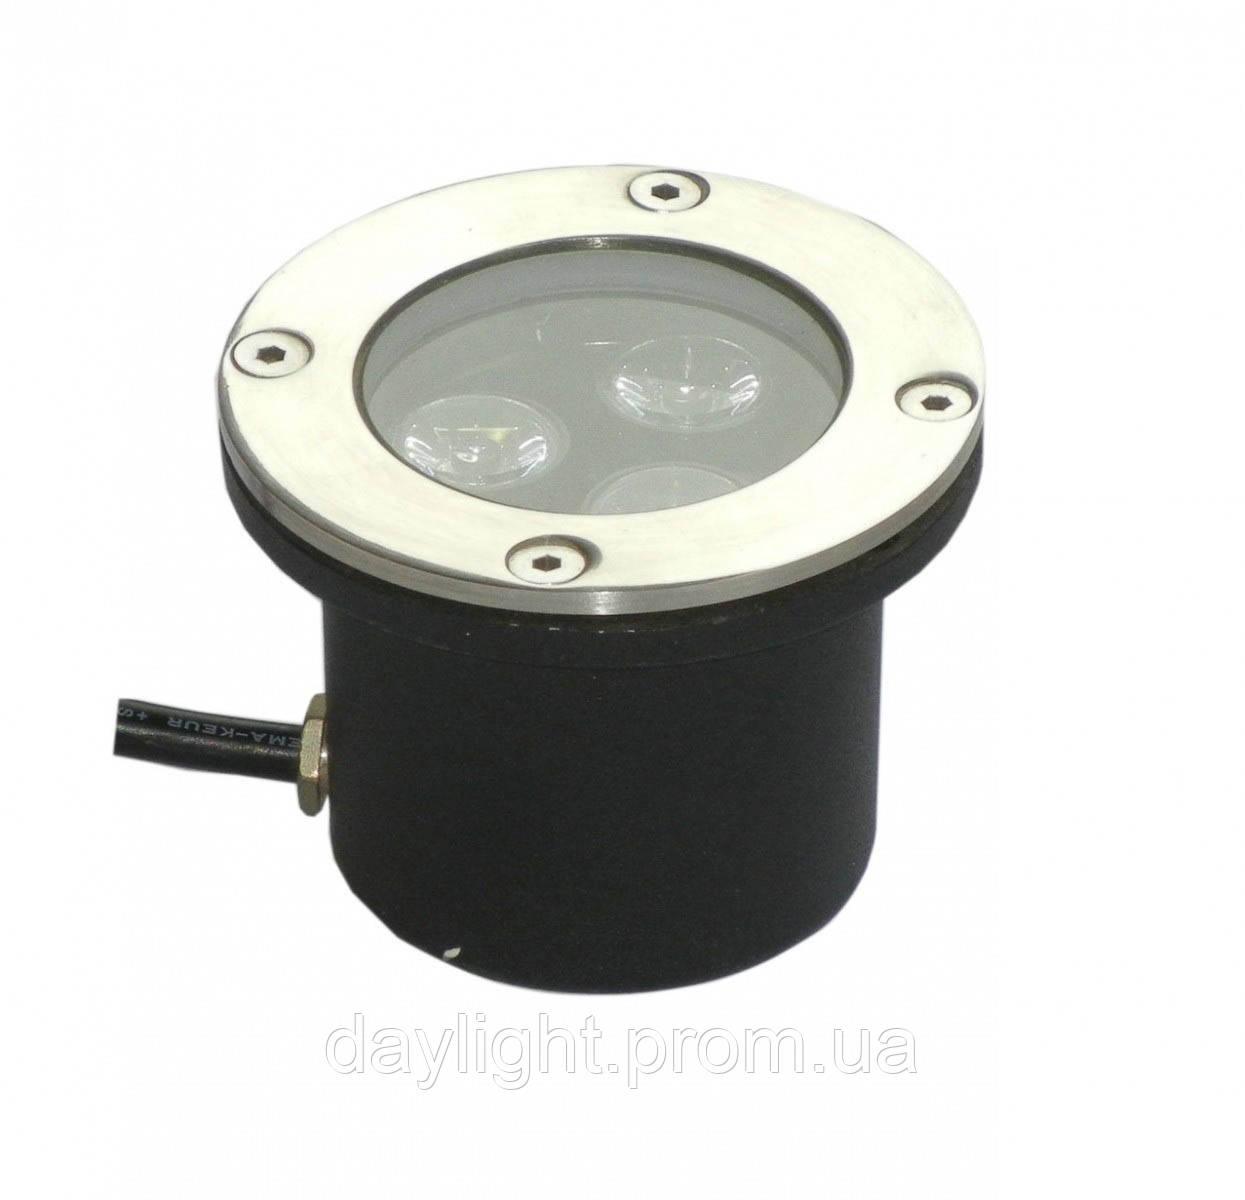 Тротуарный светильник 3W 6500k Lemanso